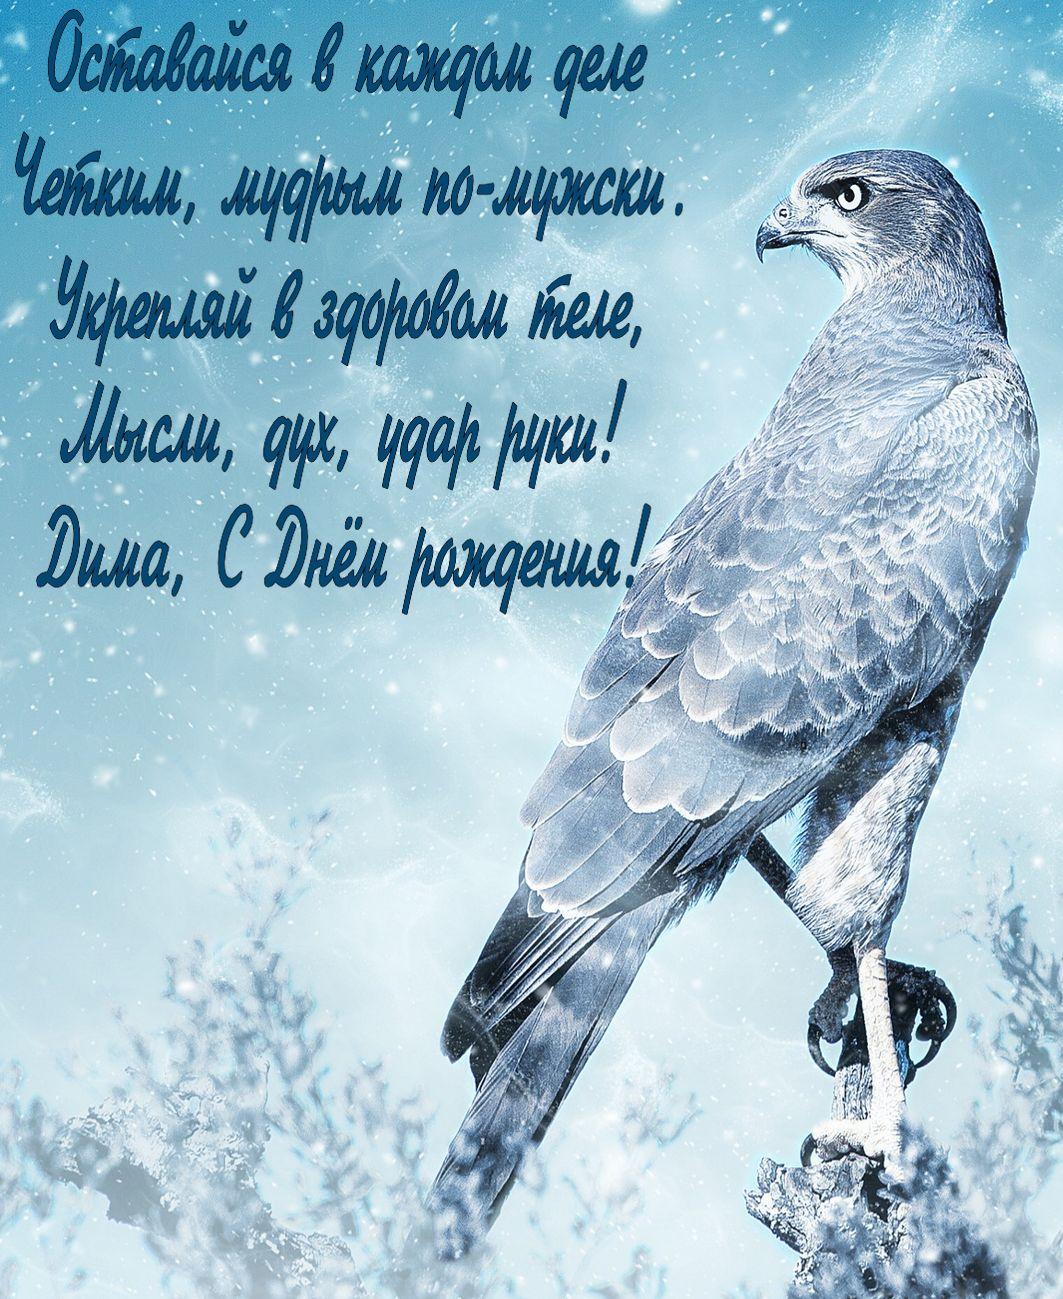 С днем рождения дмитрий открытки со стихами